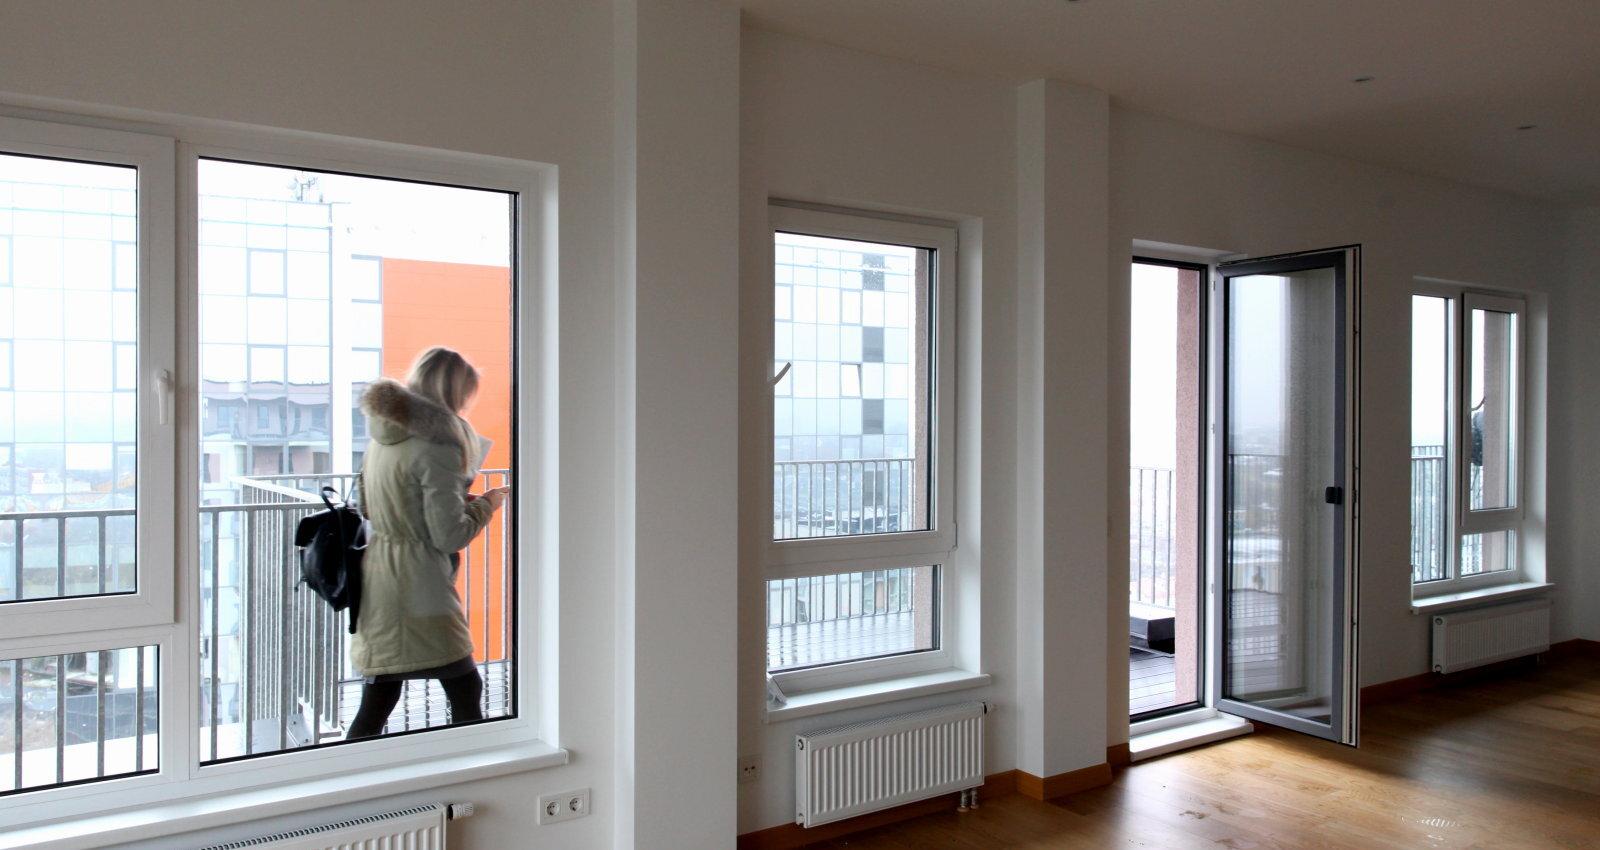 Осенний бум. Как студенты-иностранцы влияют на рынок аренды жилья в Риге